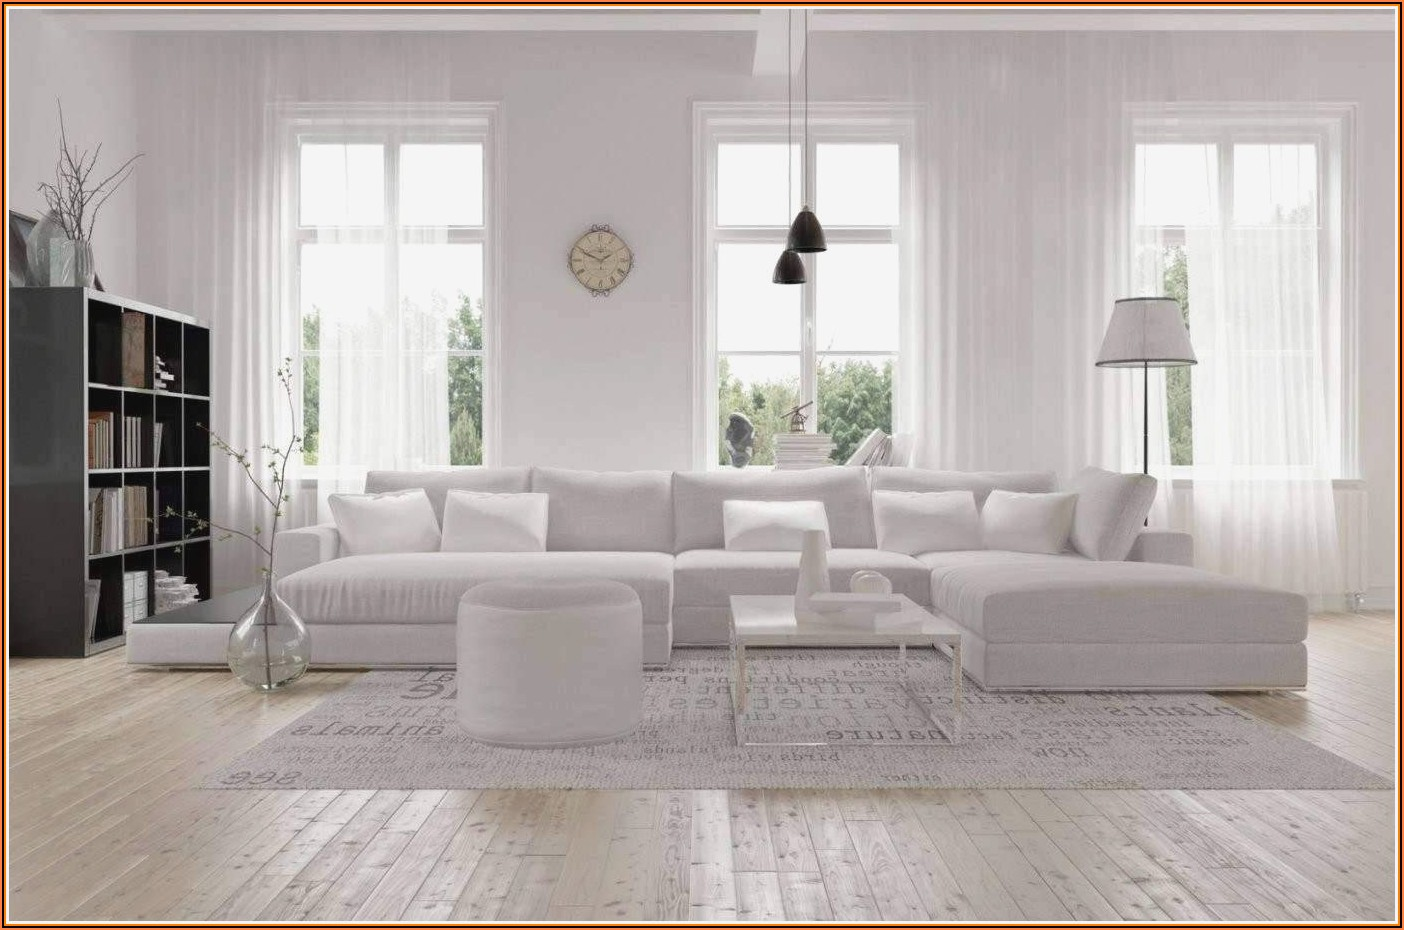 Wohnzimmer Deko Skandinavisch